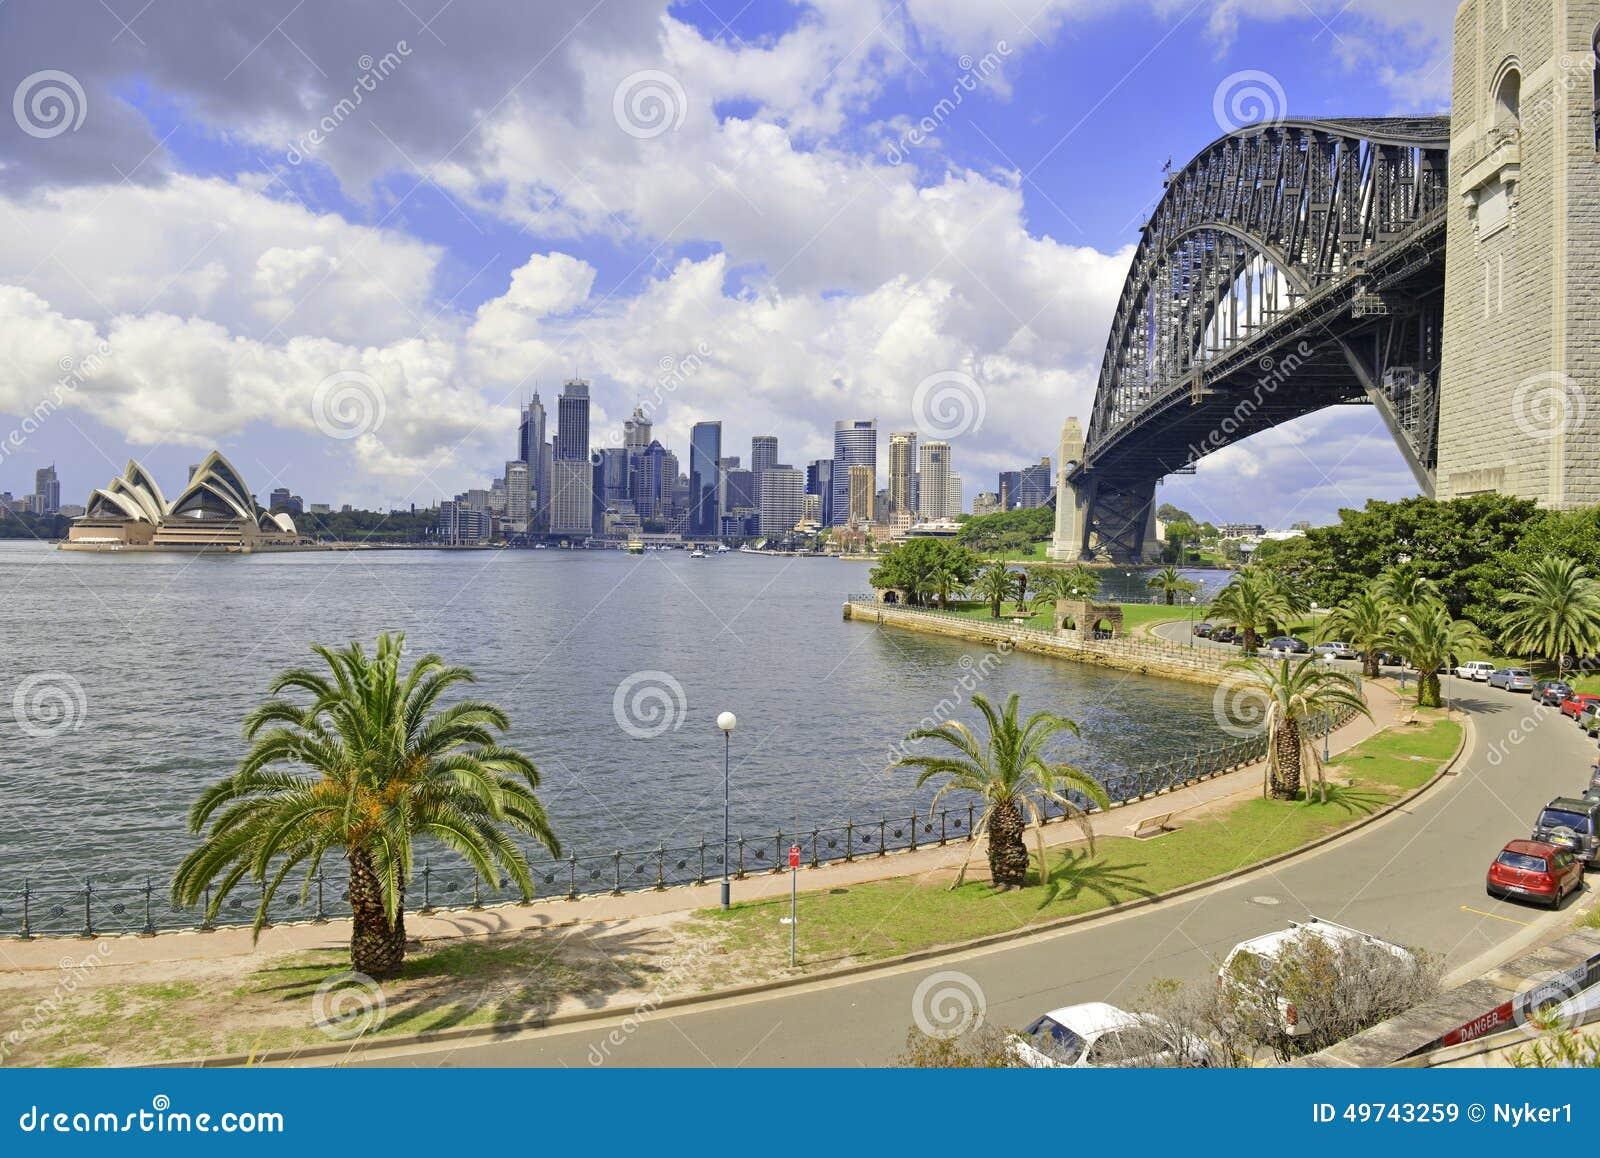 Date filter in Brisbane